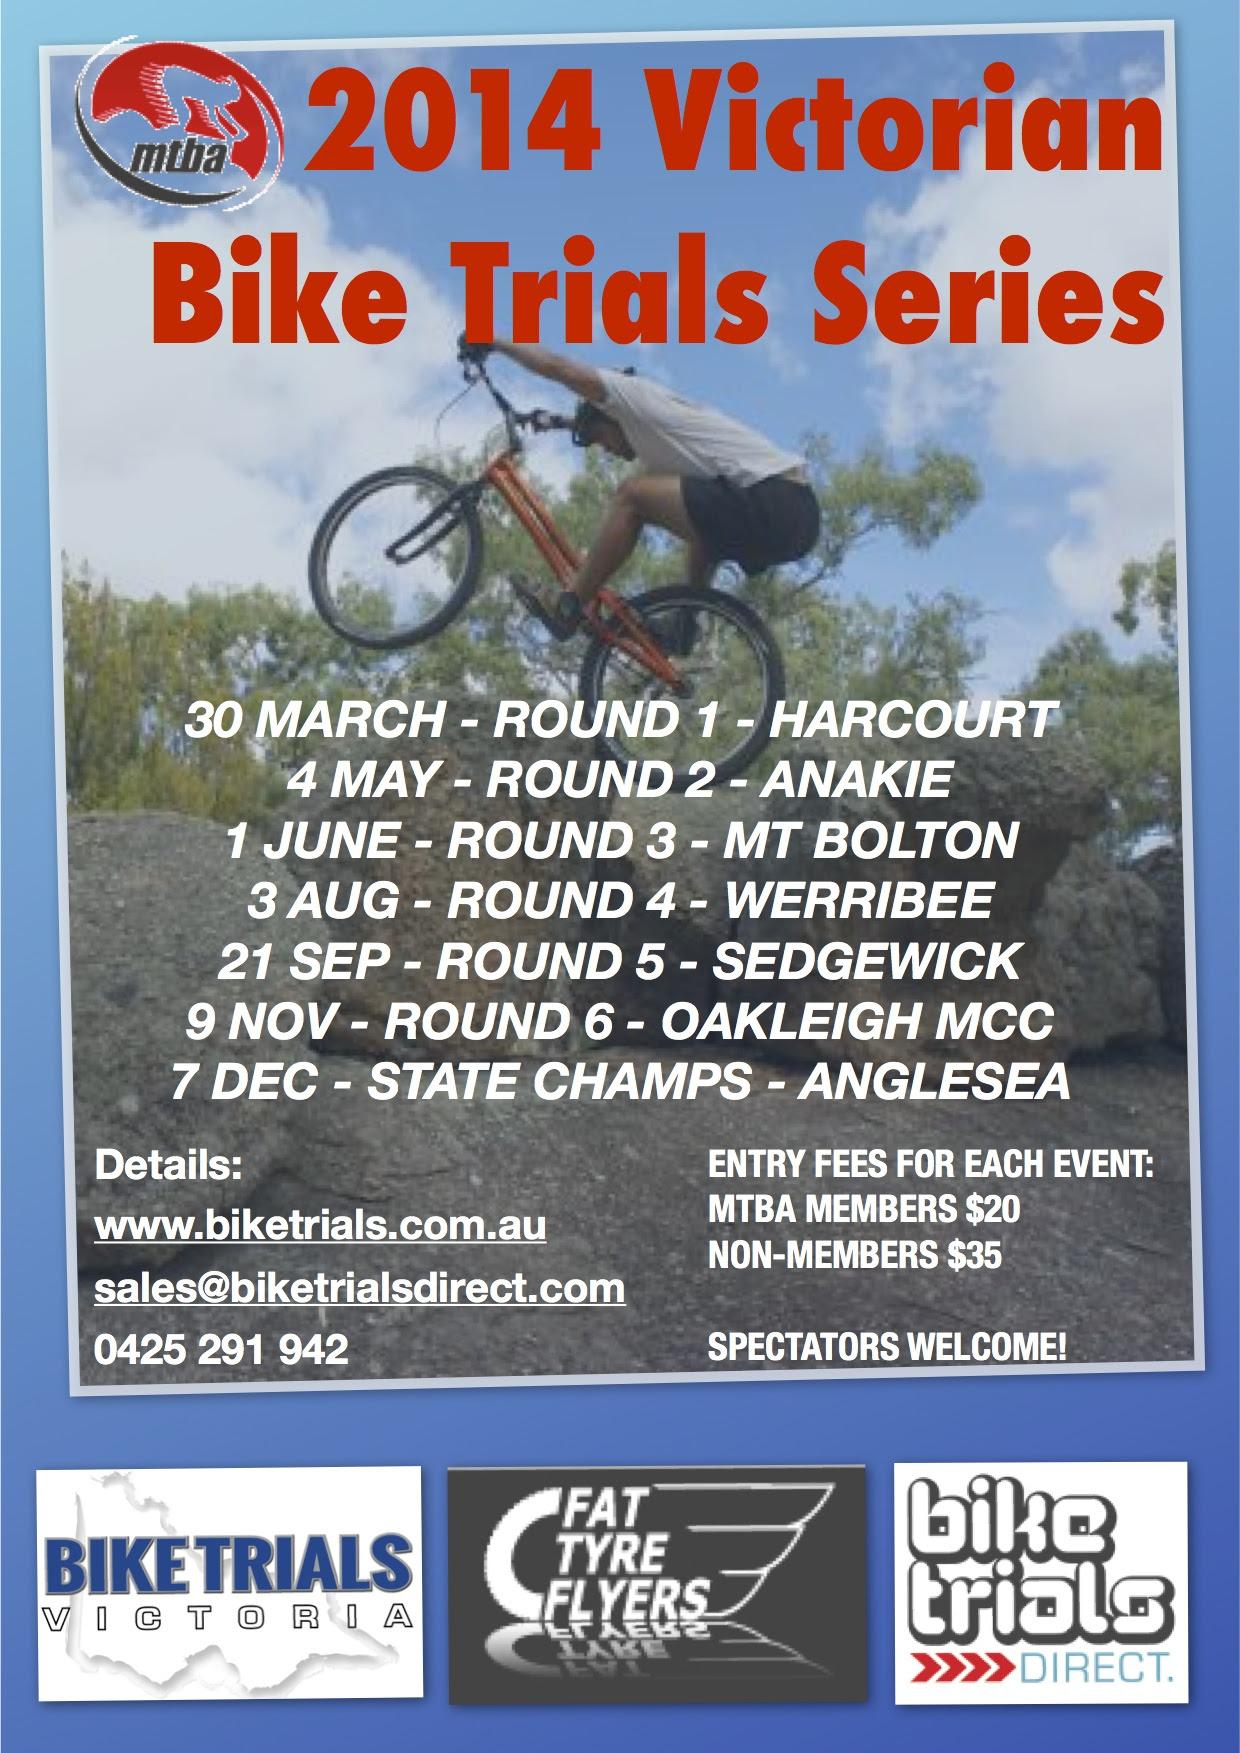 victorian-bike-trials-series